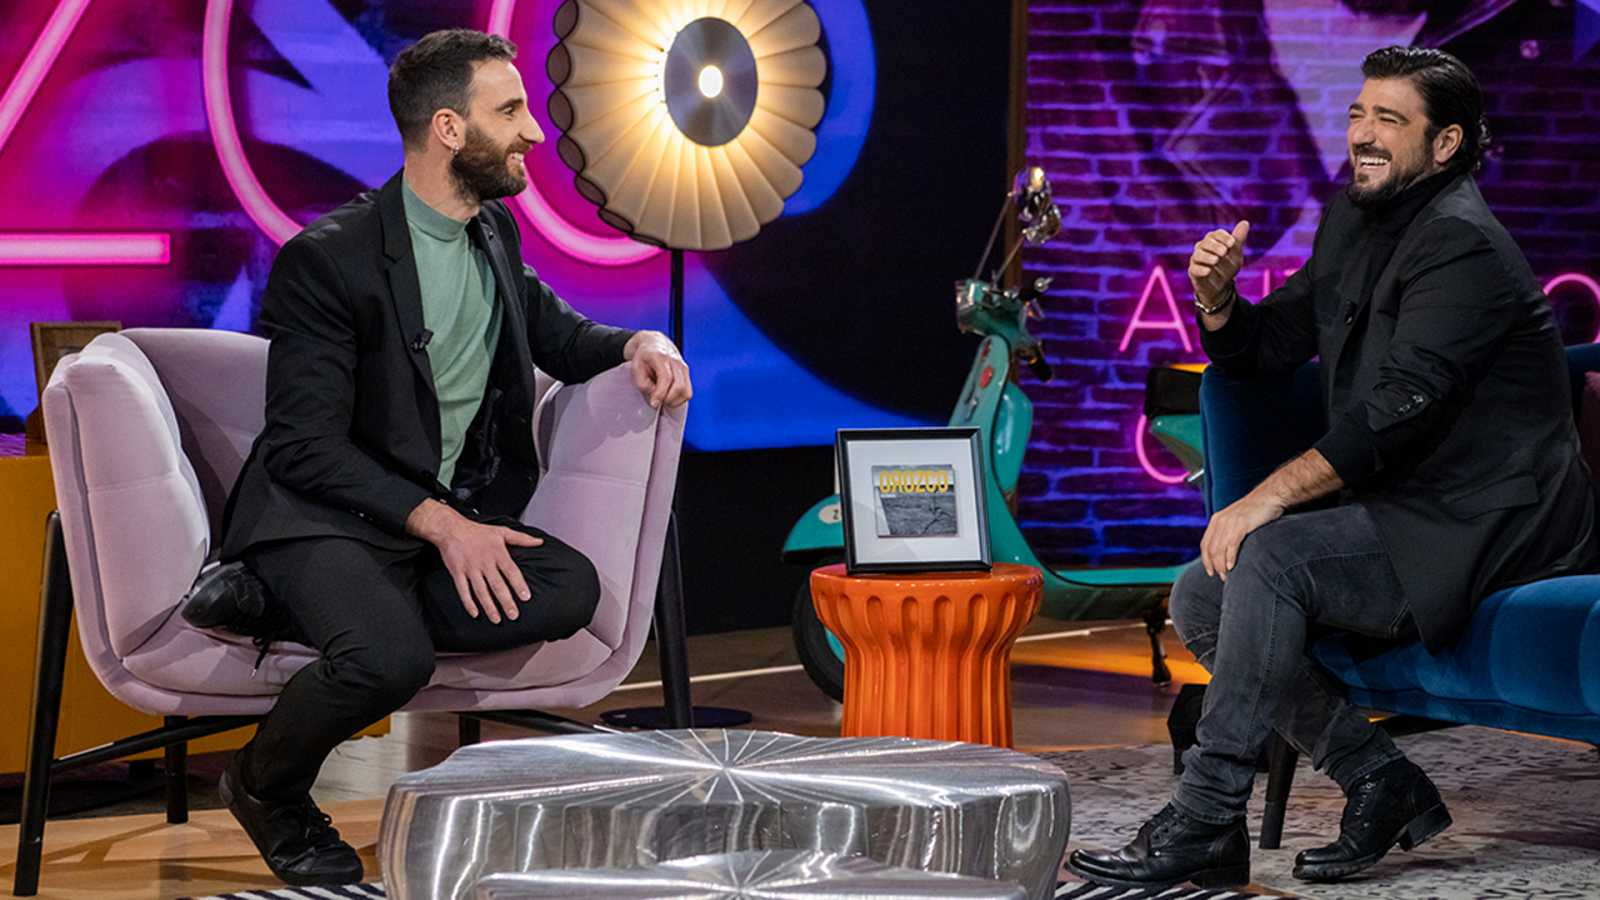 La noche D - Dani Rovira entrevista a Antonio Orozco